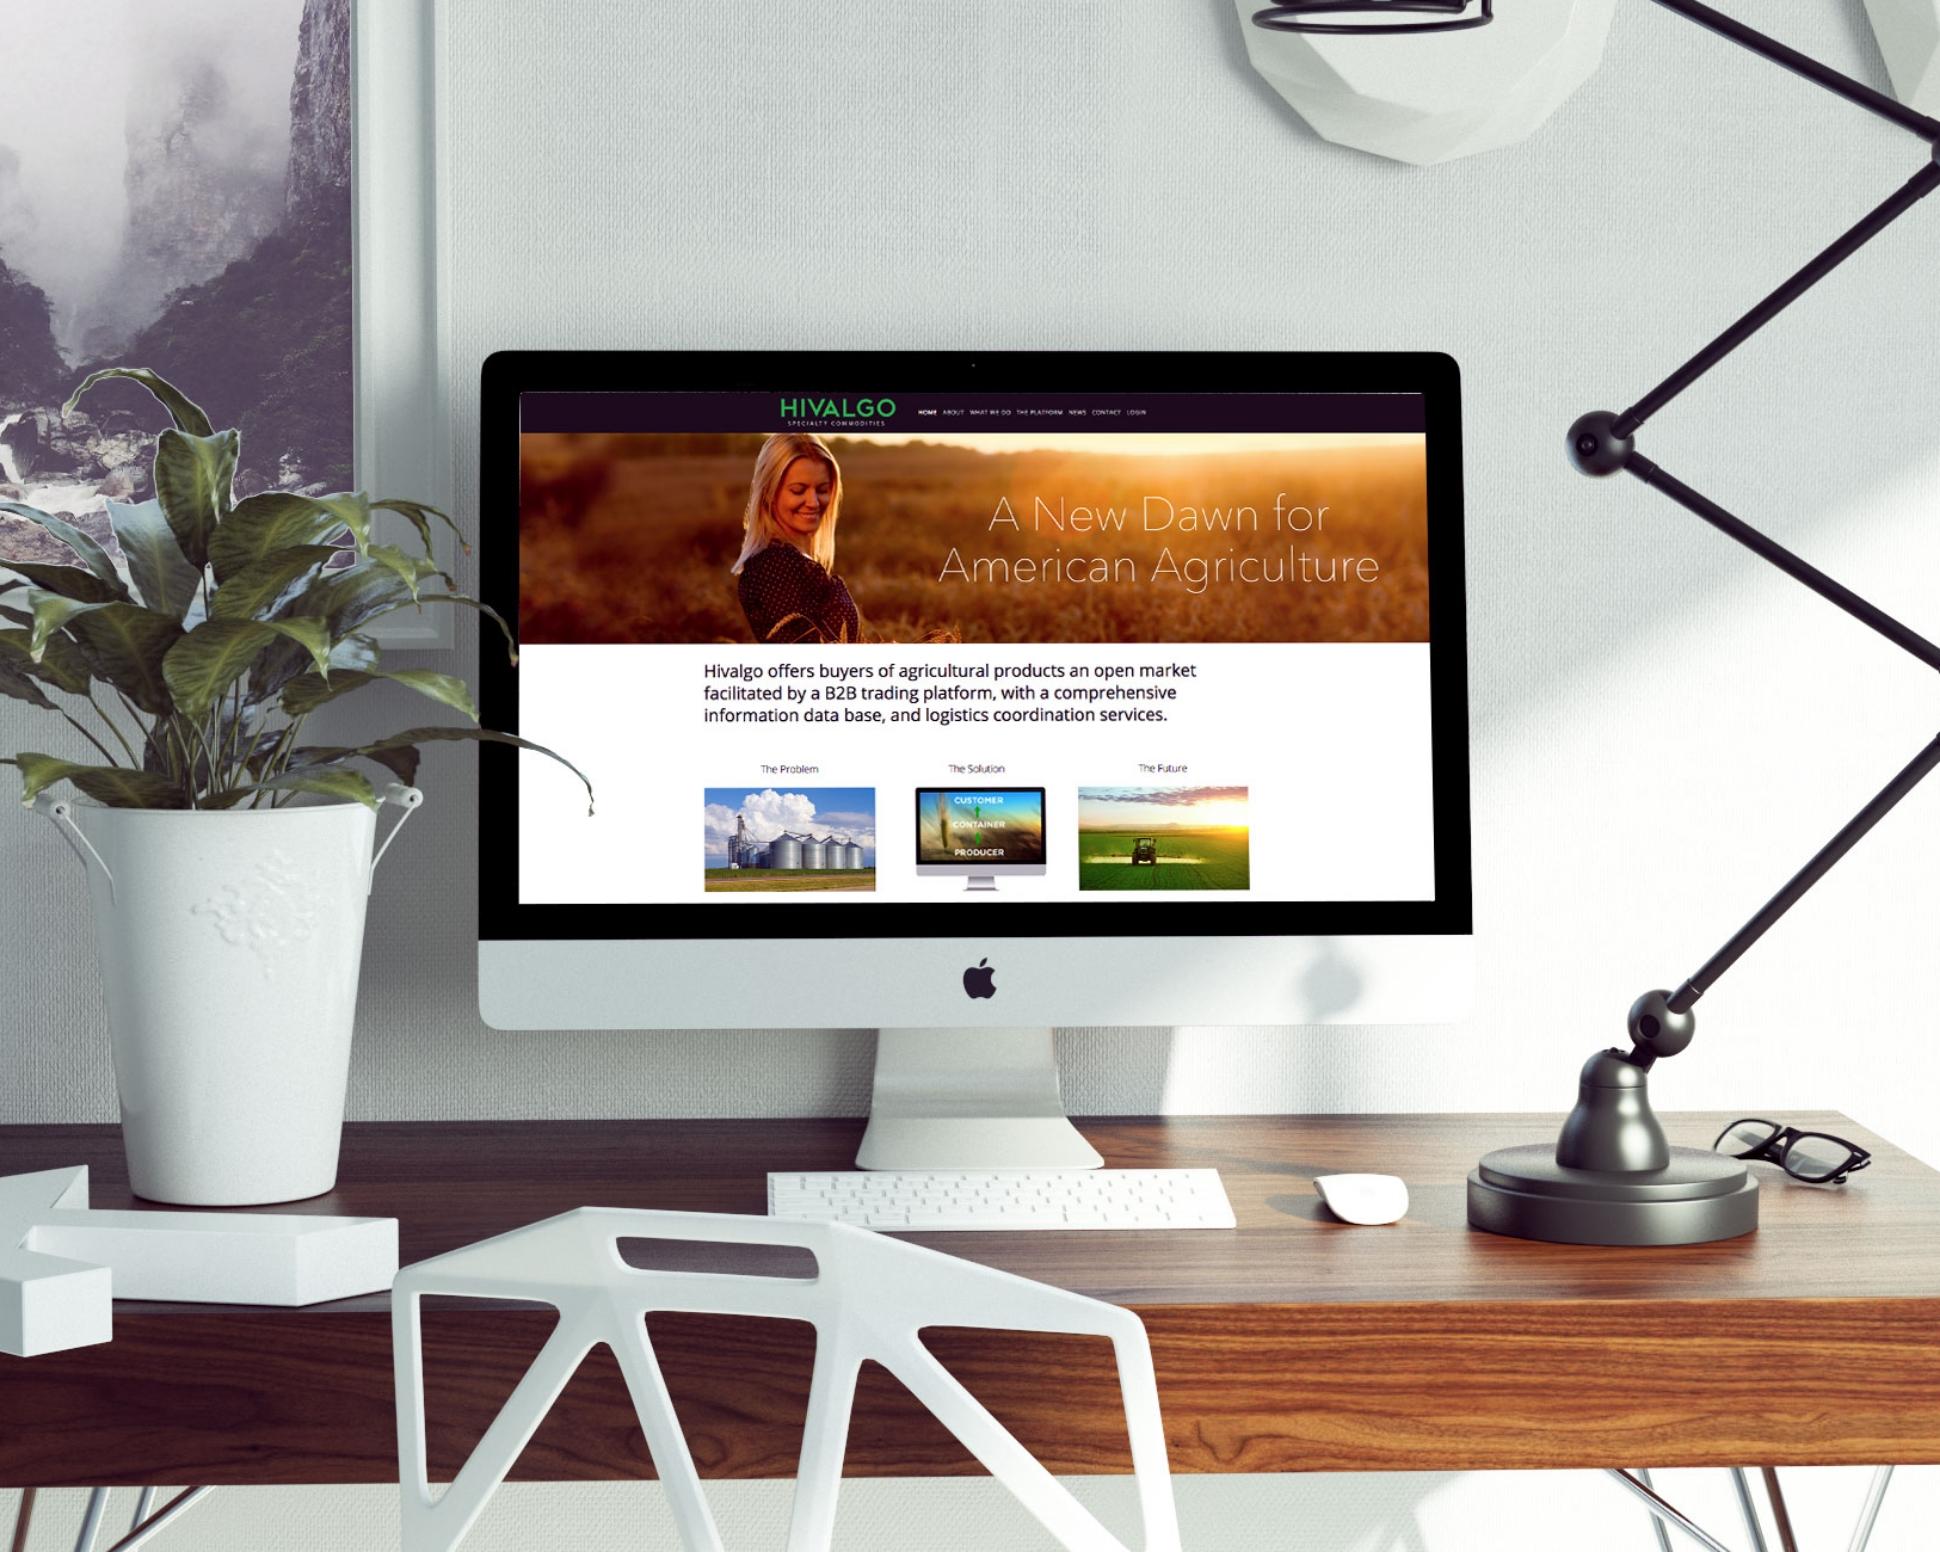 Hivalgo-iMac-mockup-with-poster-frame.jpg